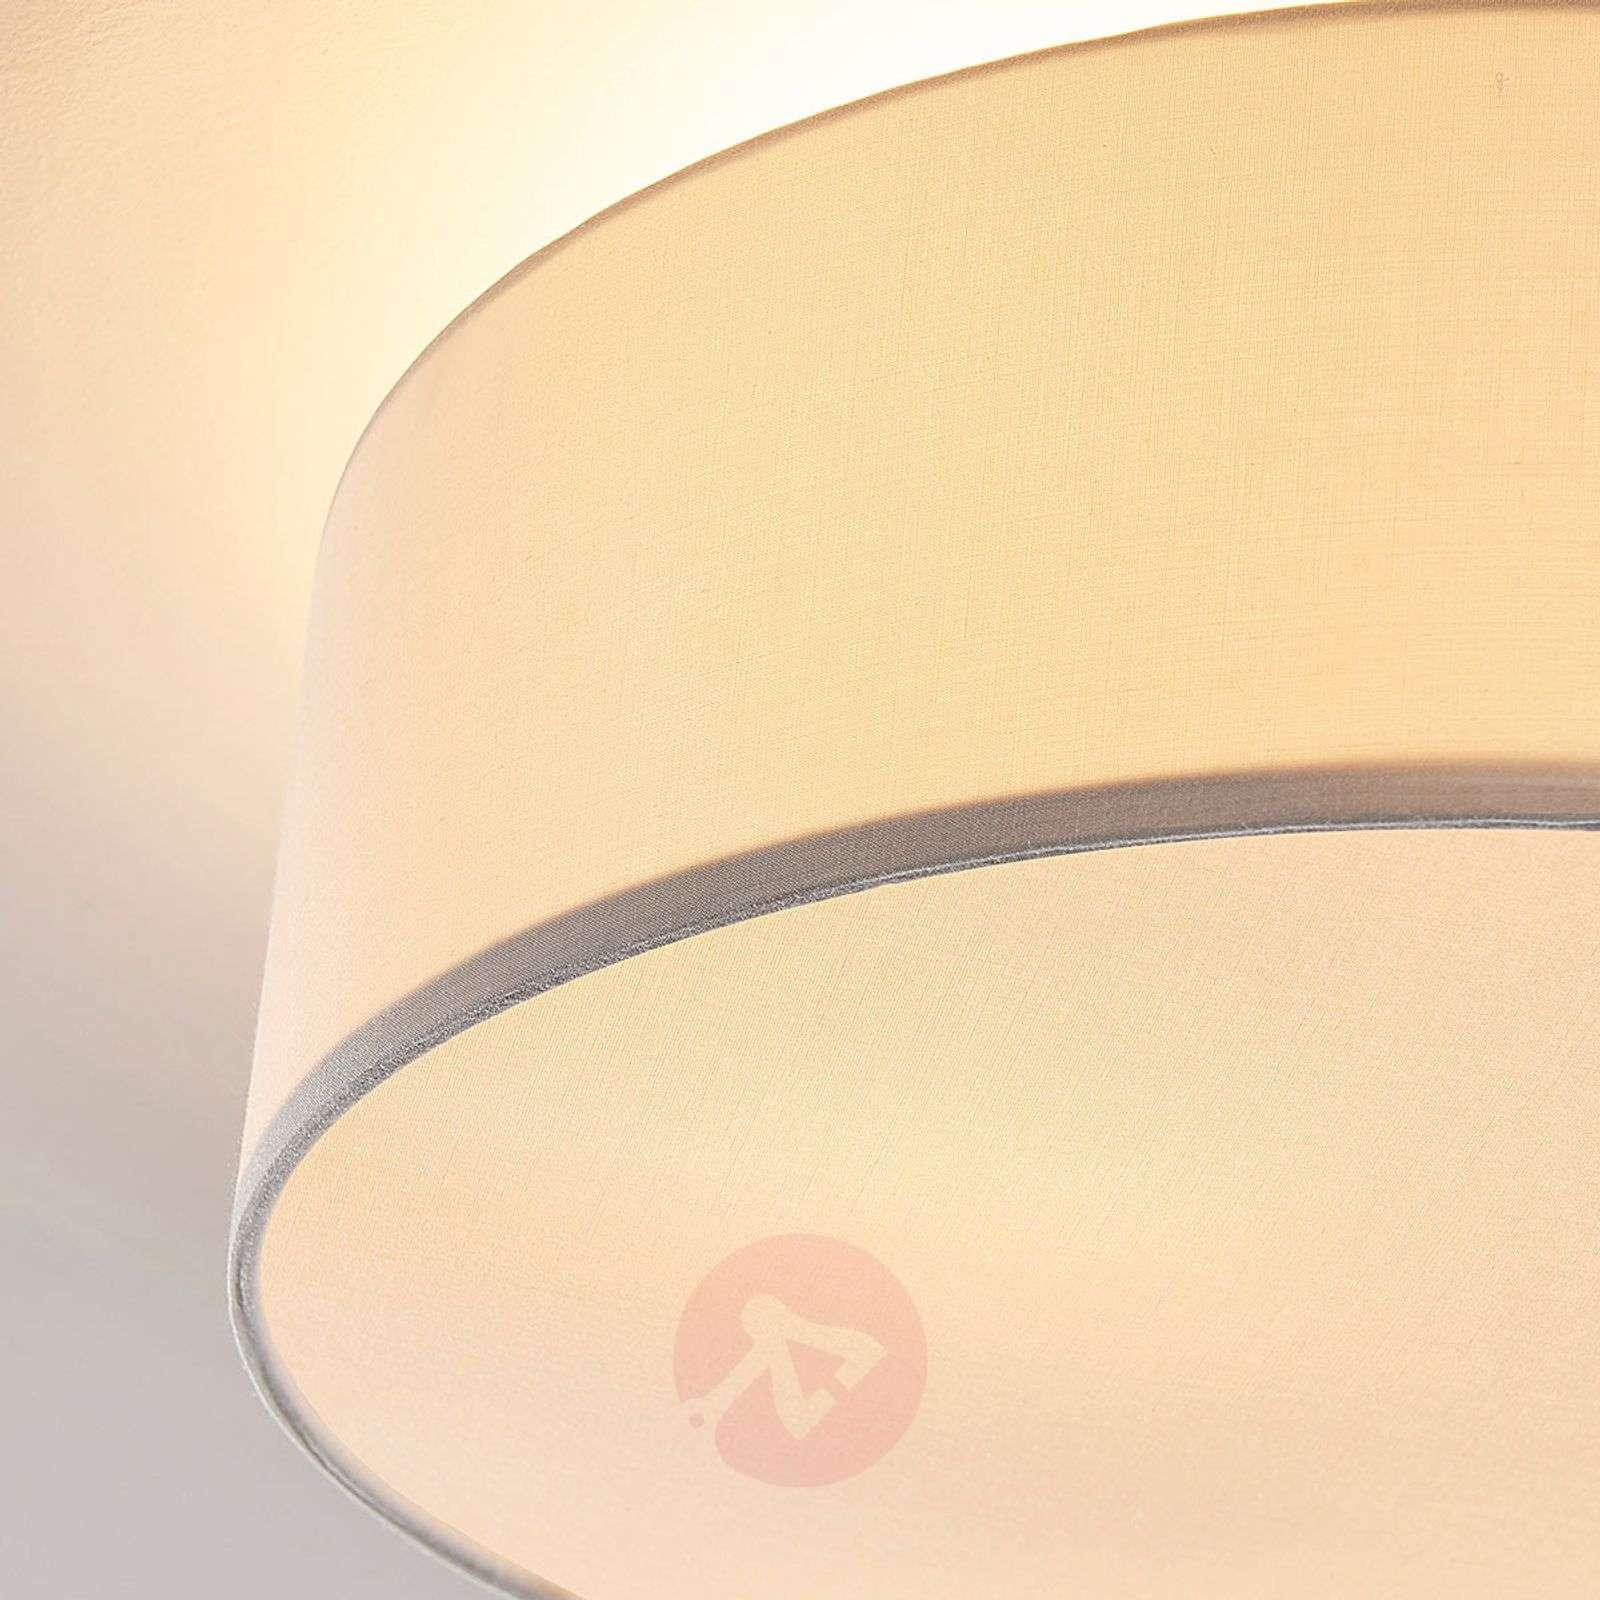 Cream-coloured fabric ceiling light Sebatin-9620332-02